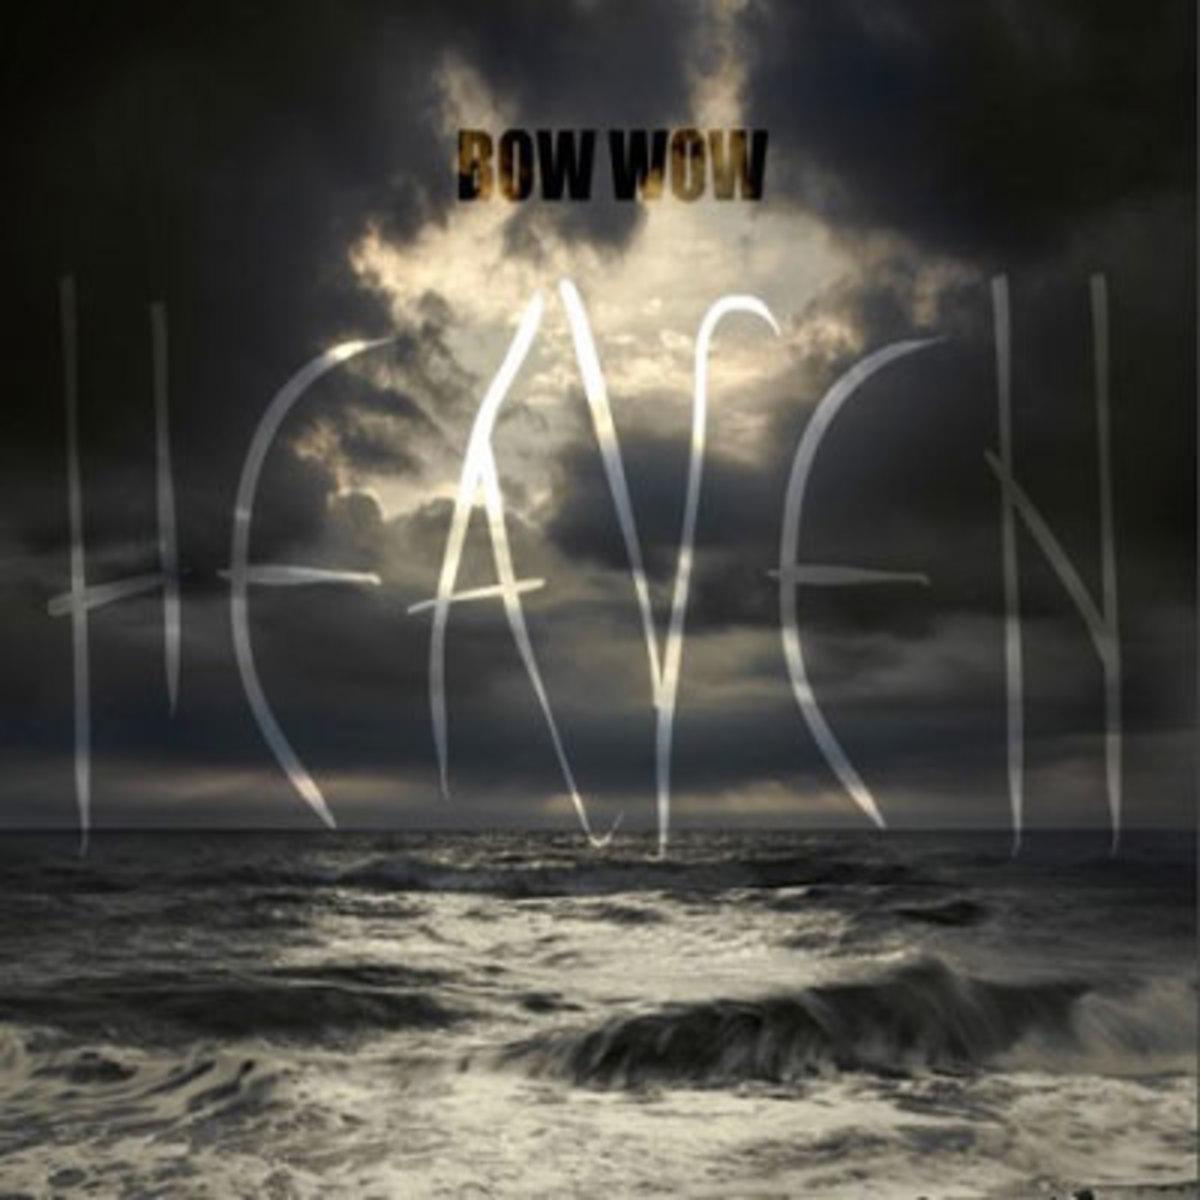 bowwow-heaven.jpg